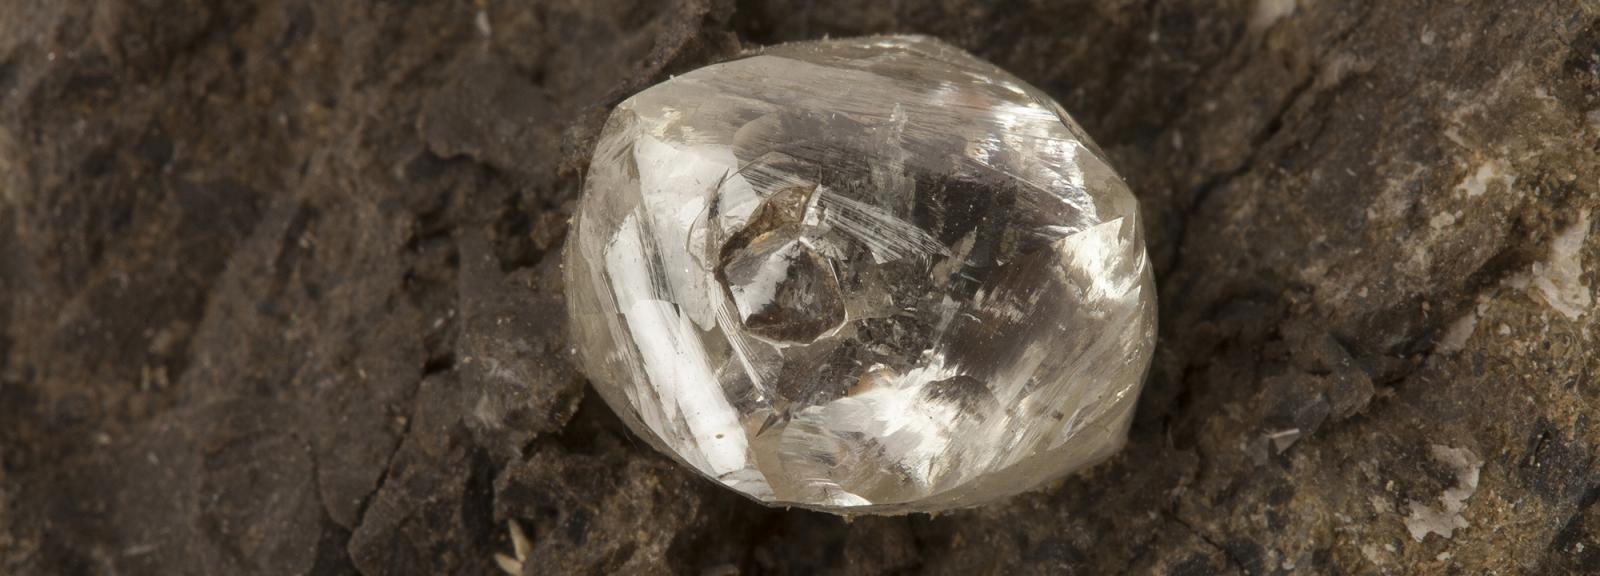 Diamant dans une kimberlite © MNHN - François Farges